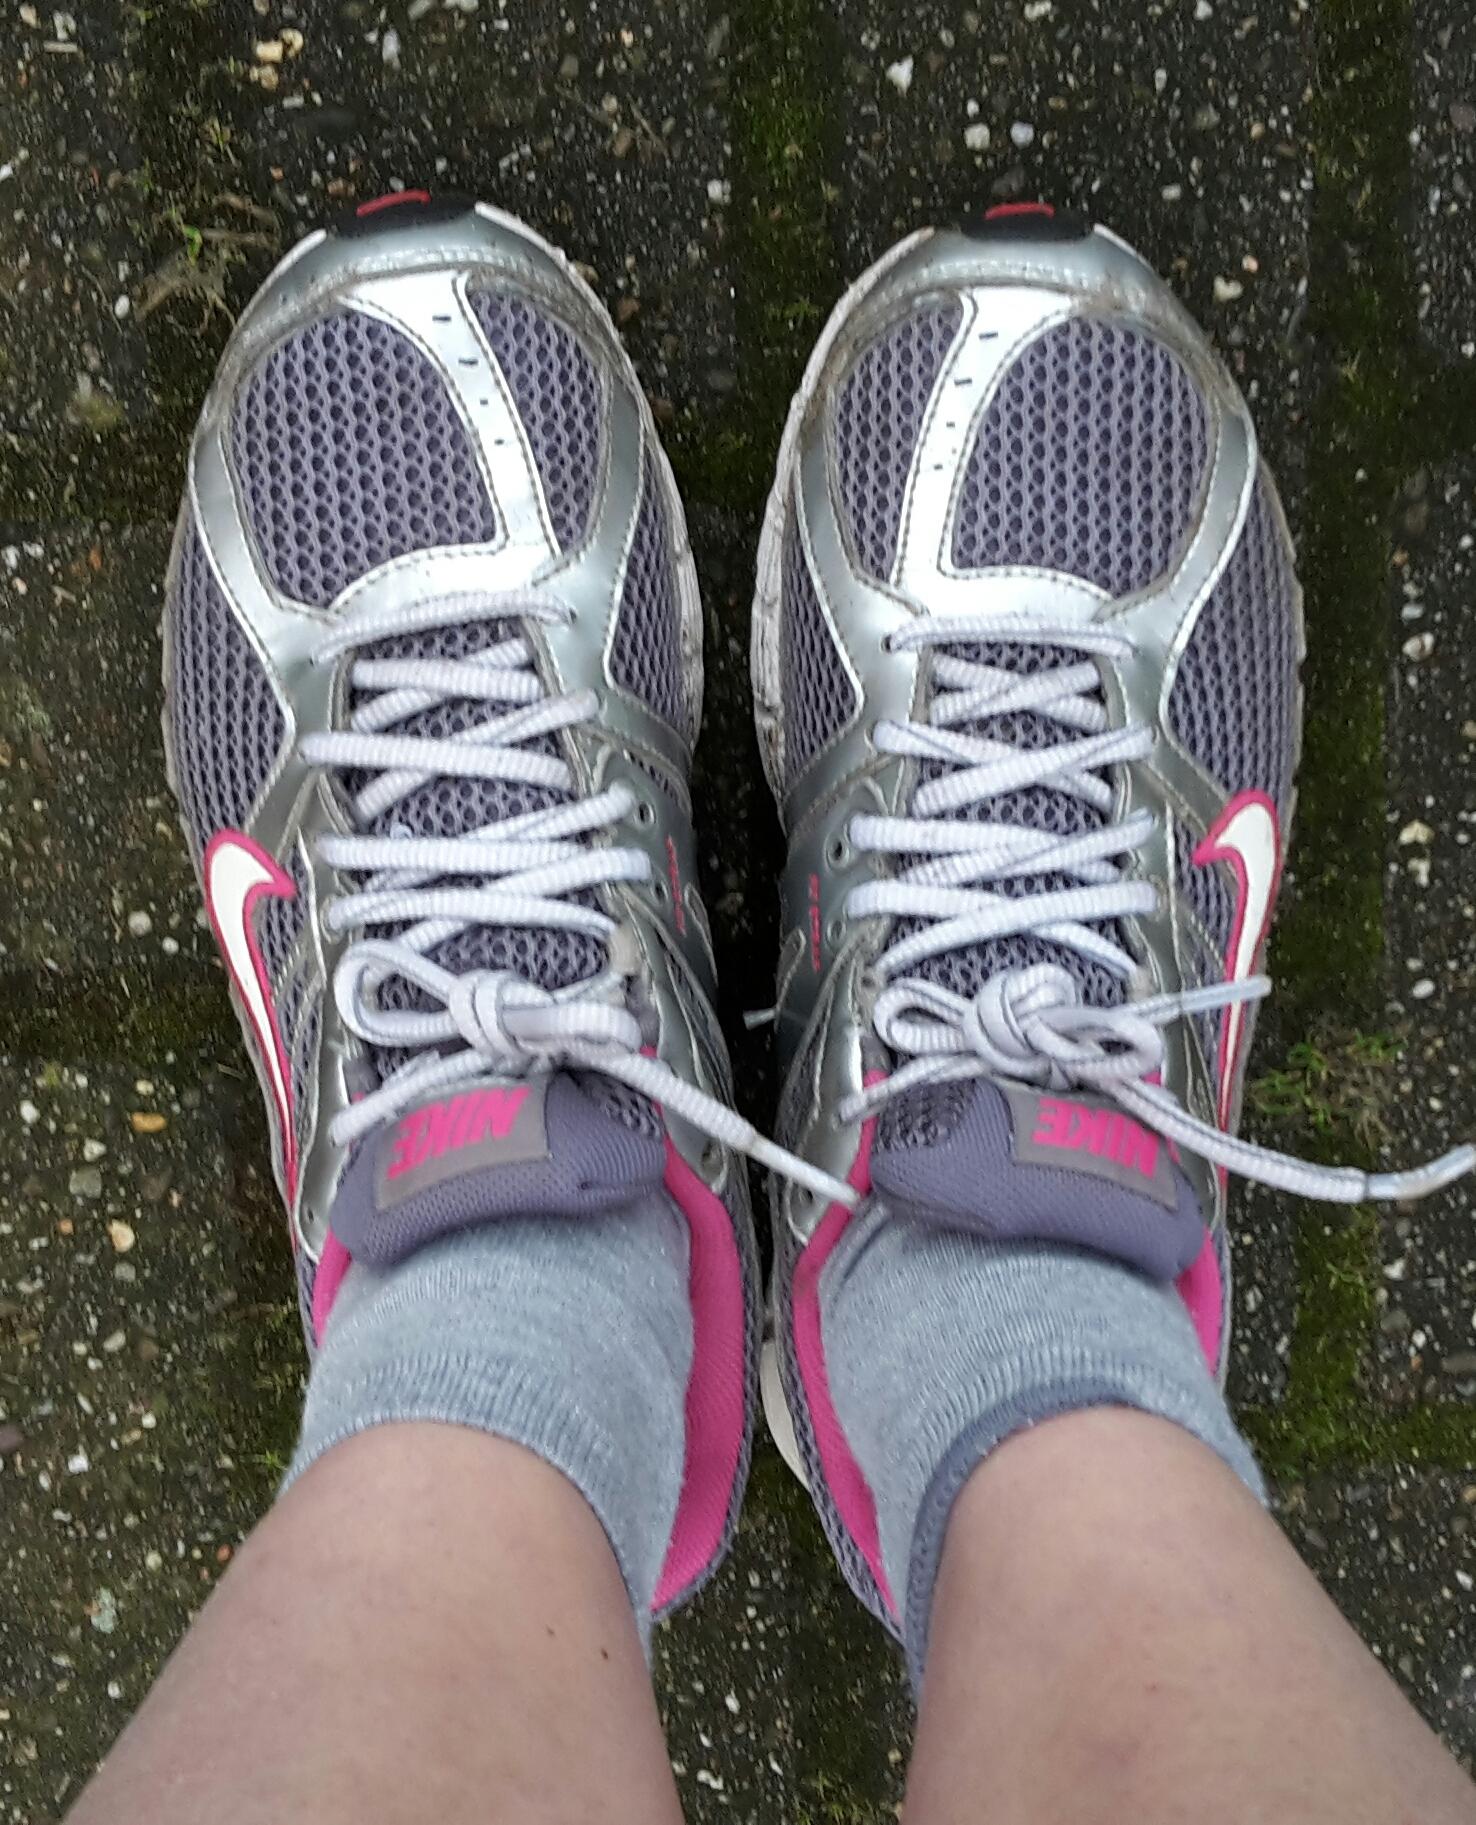 Blog Jane Dijkstra: 10 km hardlopen? Ik ga liever 10 km zwemmen